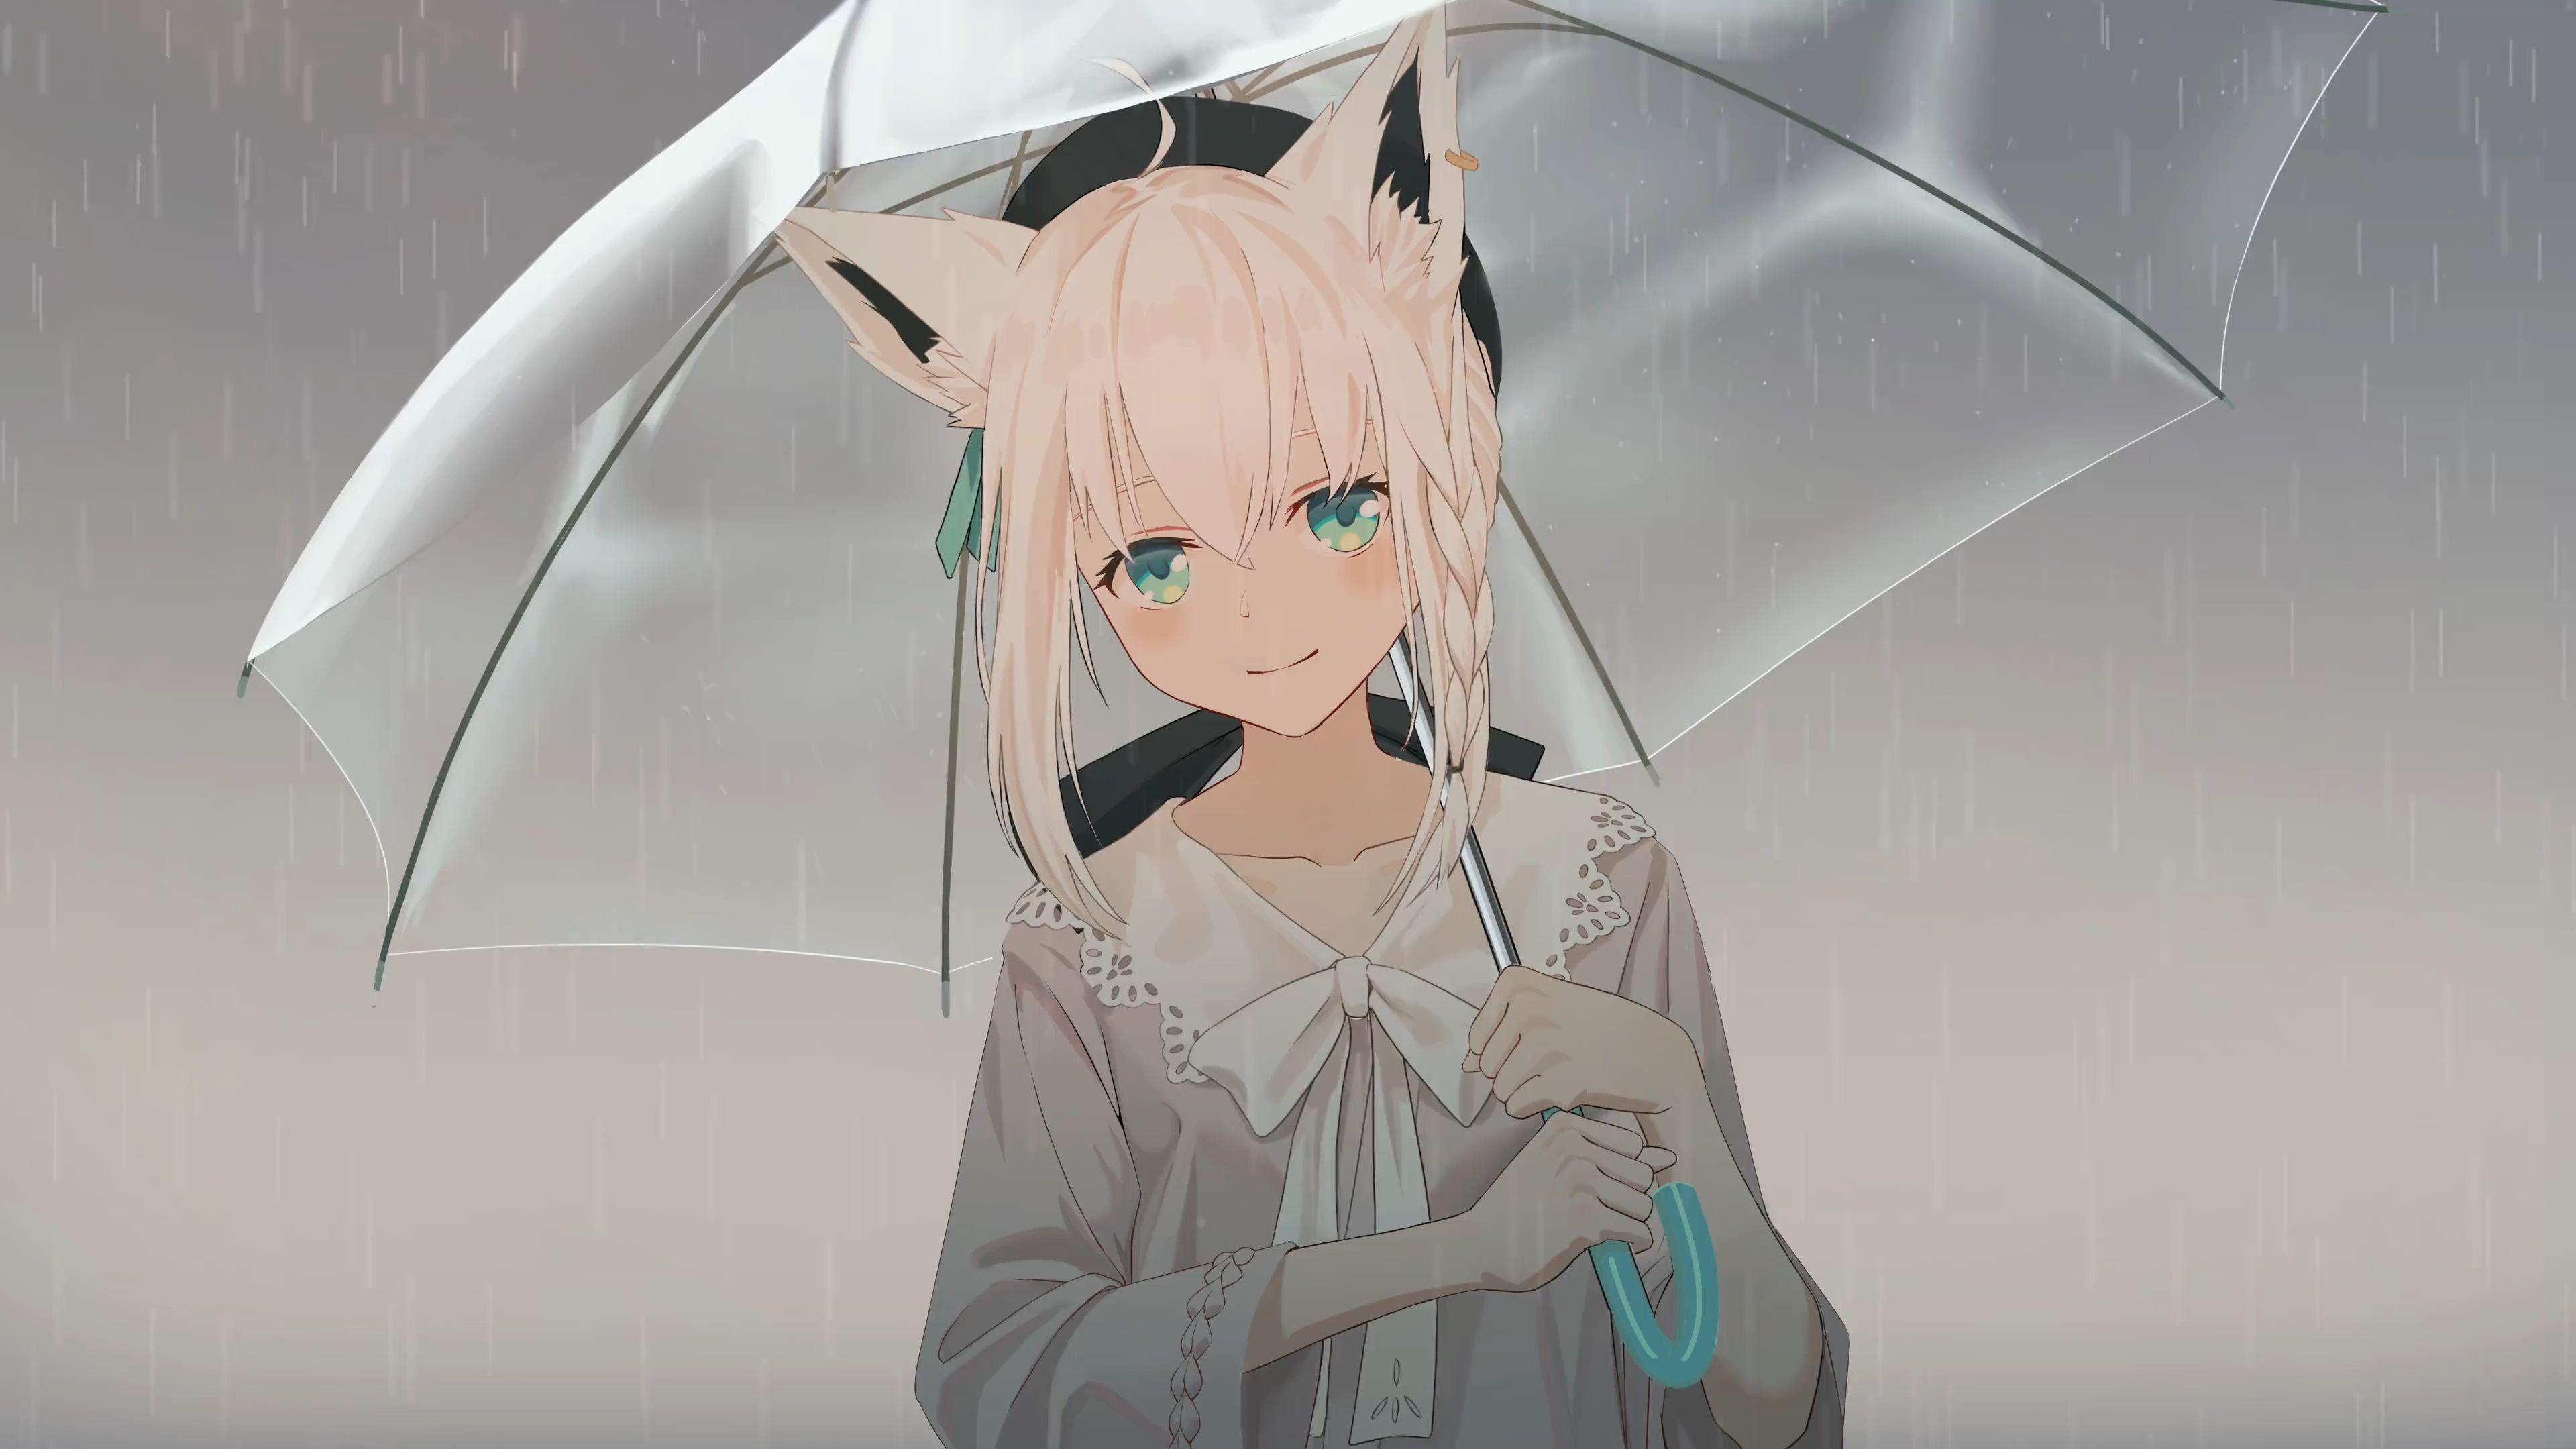 Vtuber Shirakami Fubuki Rain 4k 60fps Wallpaper Engine Anime Anime Anime Wallpaper Wallpaper Cute anime wallpaper engine